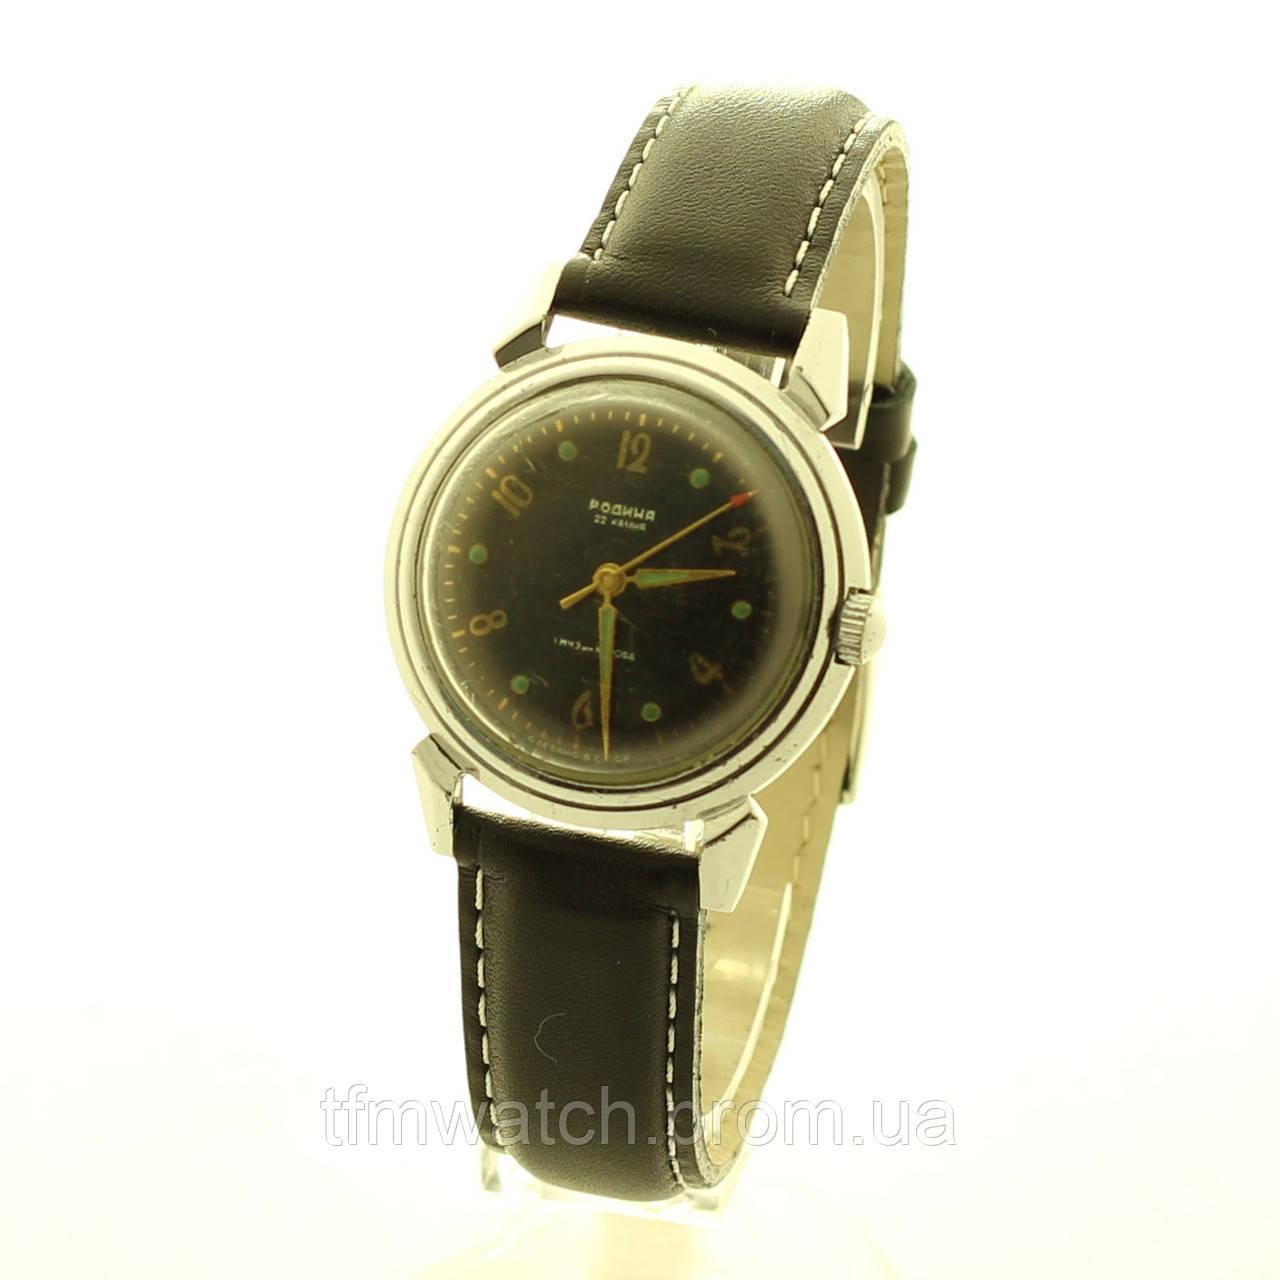 Родина механические часы СССР